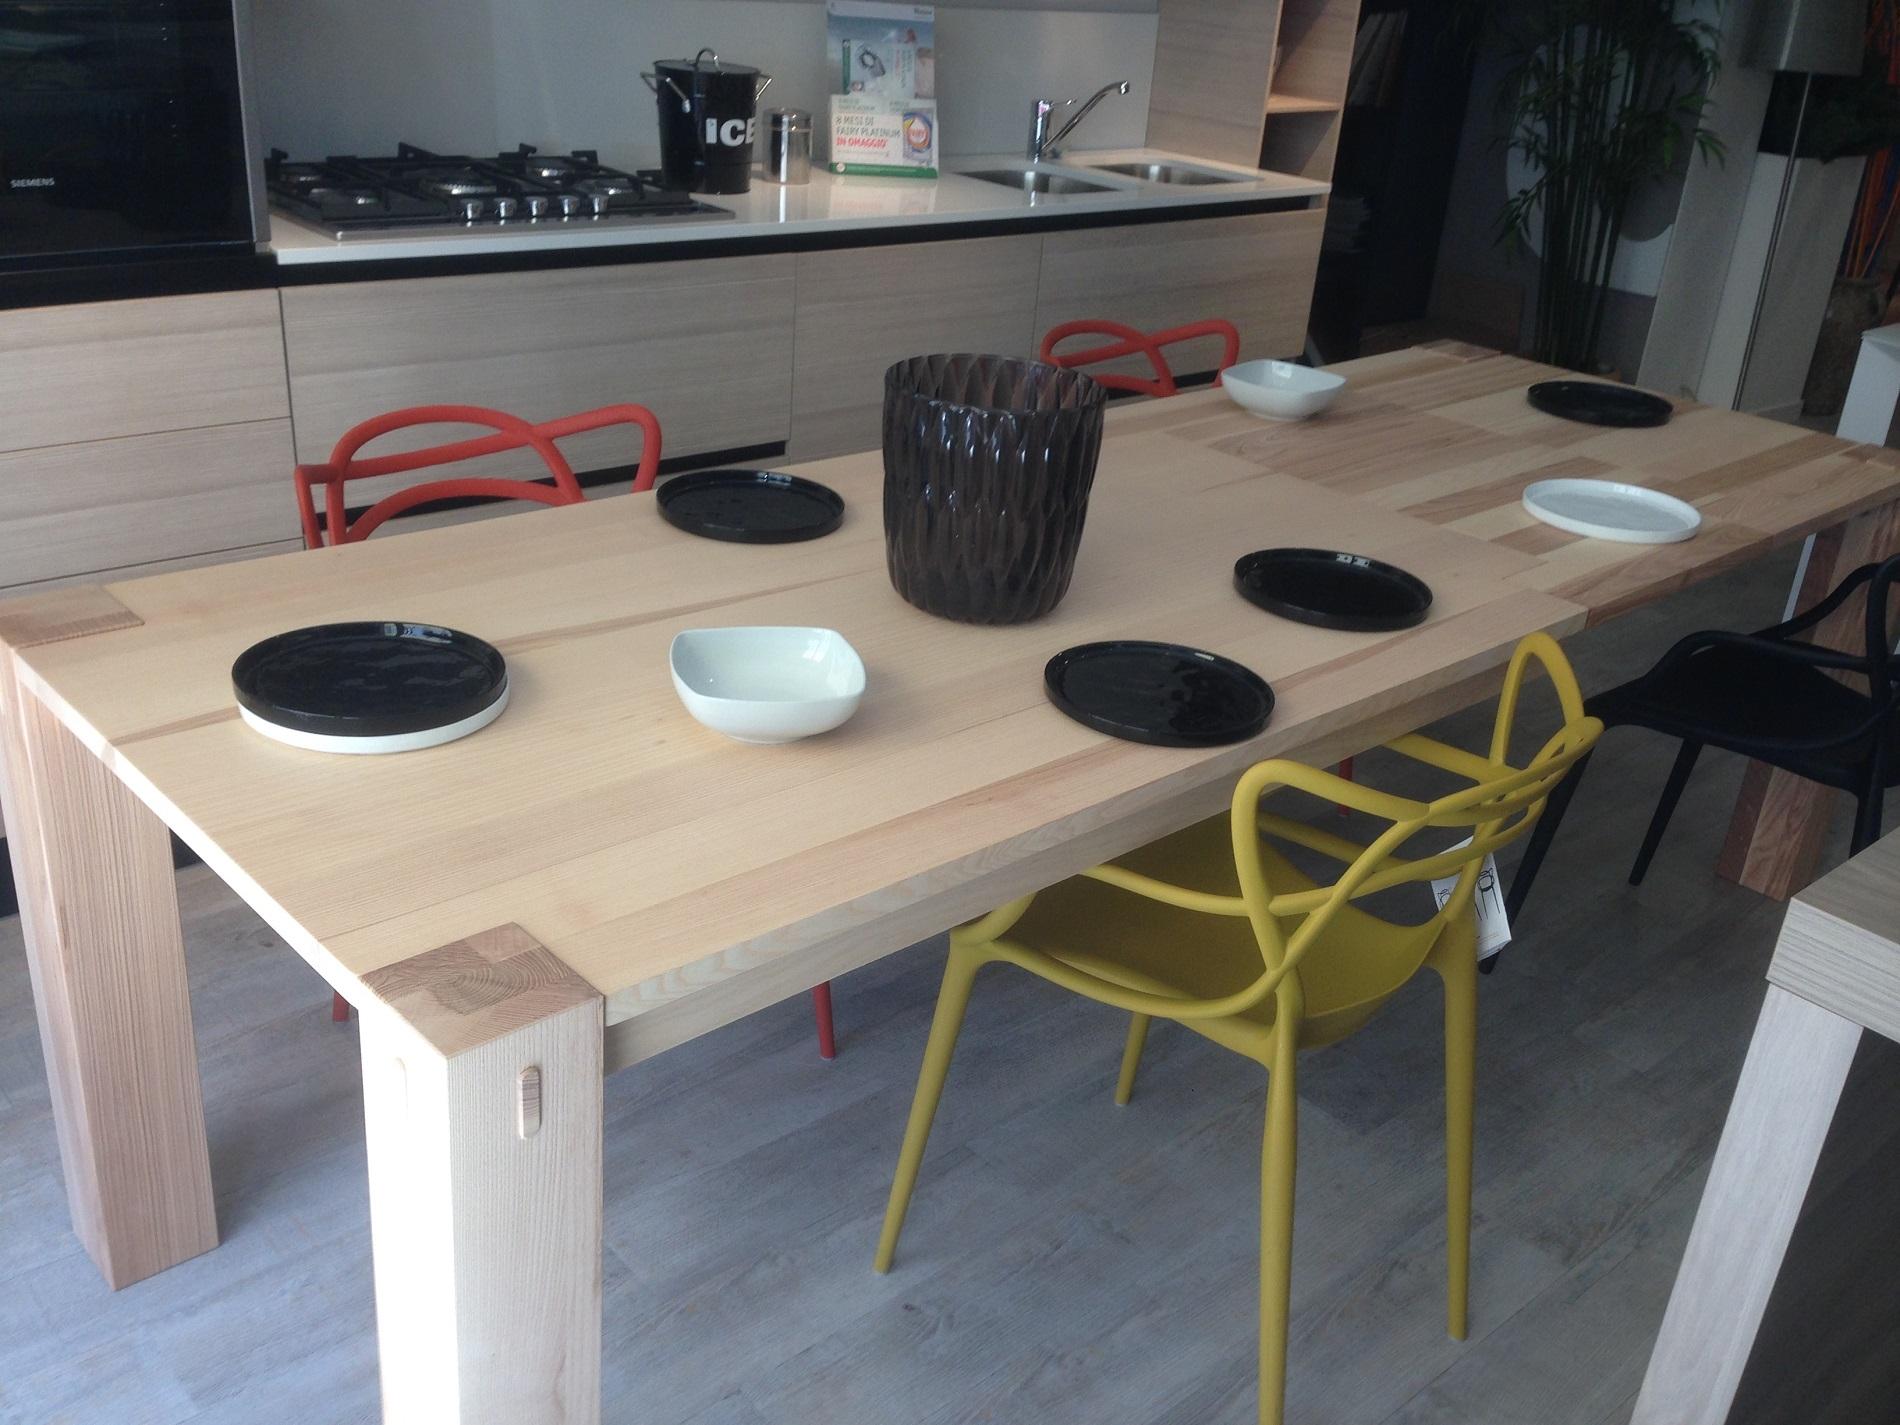 Tavolo la seggiola factory rettangolari rettangolari - Tavoli rettangolari allungabili in legno ...